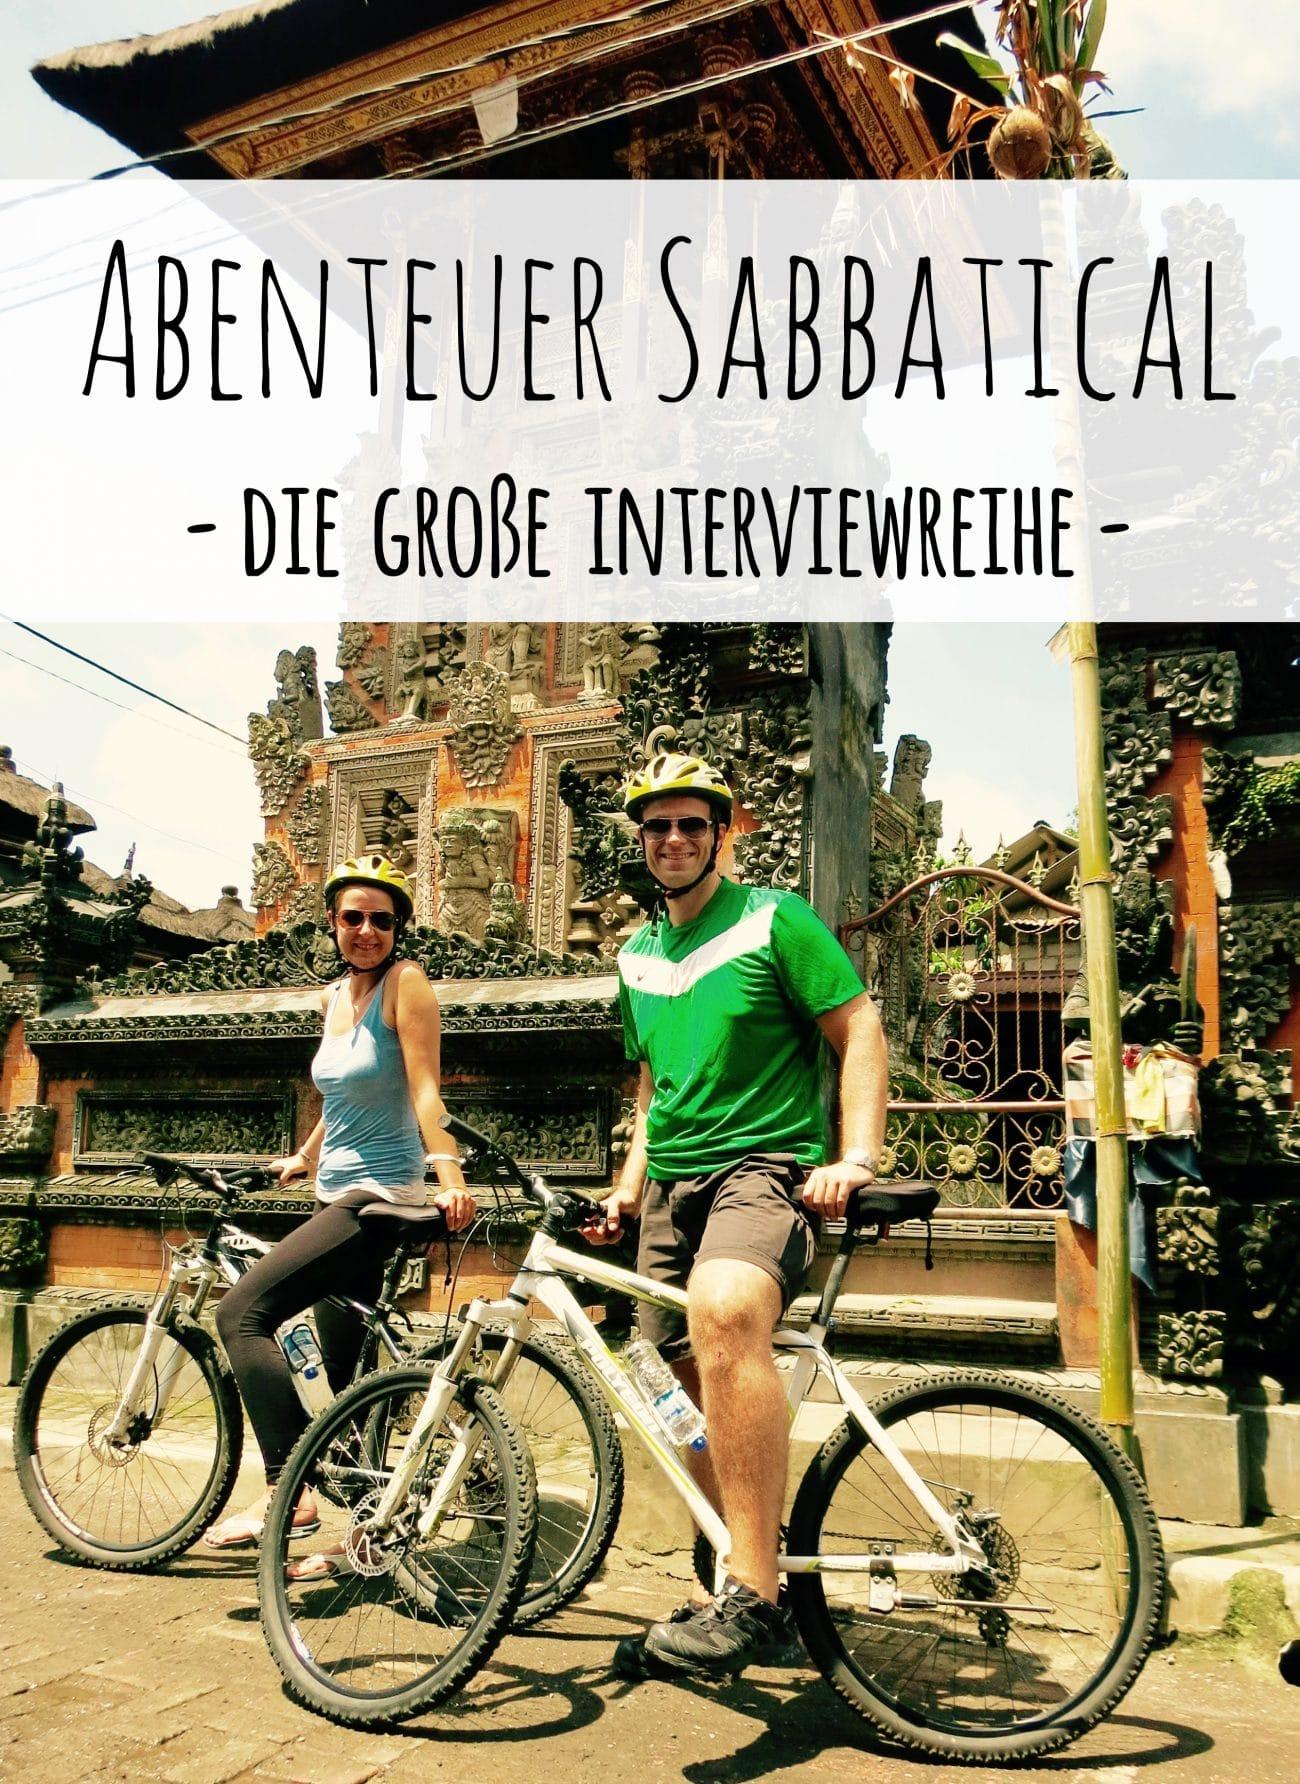 Auf PASSENGER X findest du 15 Sabbatical Interviews. Wie lang kann eine Auszeit dauern, wie regelt man sie mit dem Arbeitgeber und was kostet das Reisen? All diese Antworten findest du auf PASSENGER X